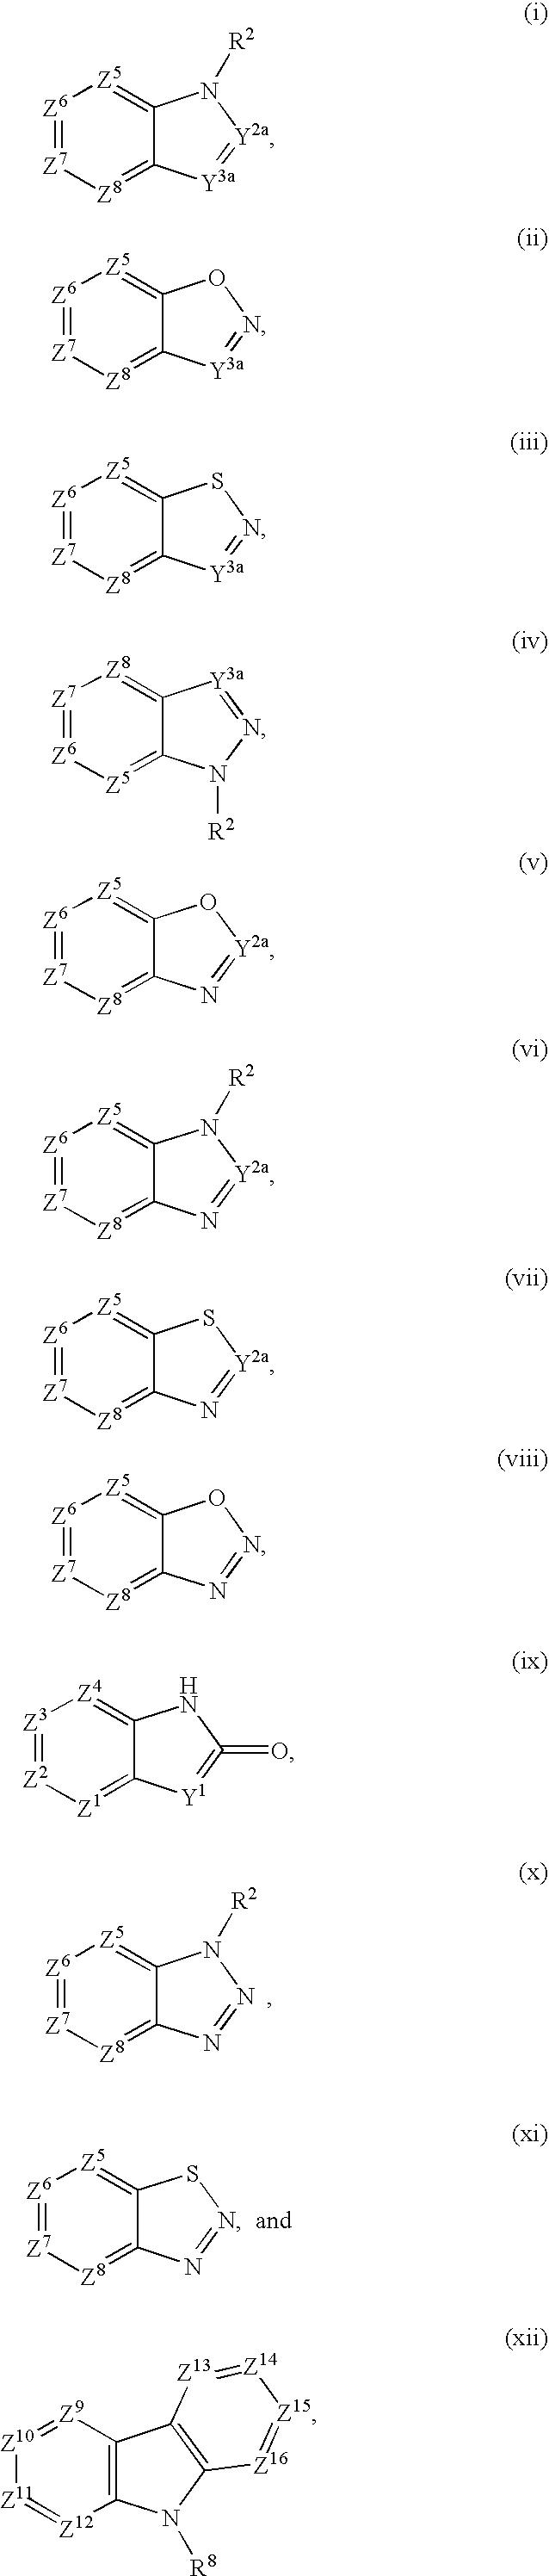 Figure US20050137204A1-20050623-C00027